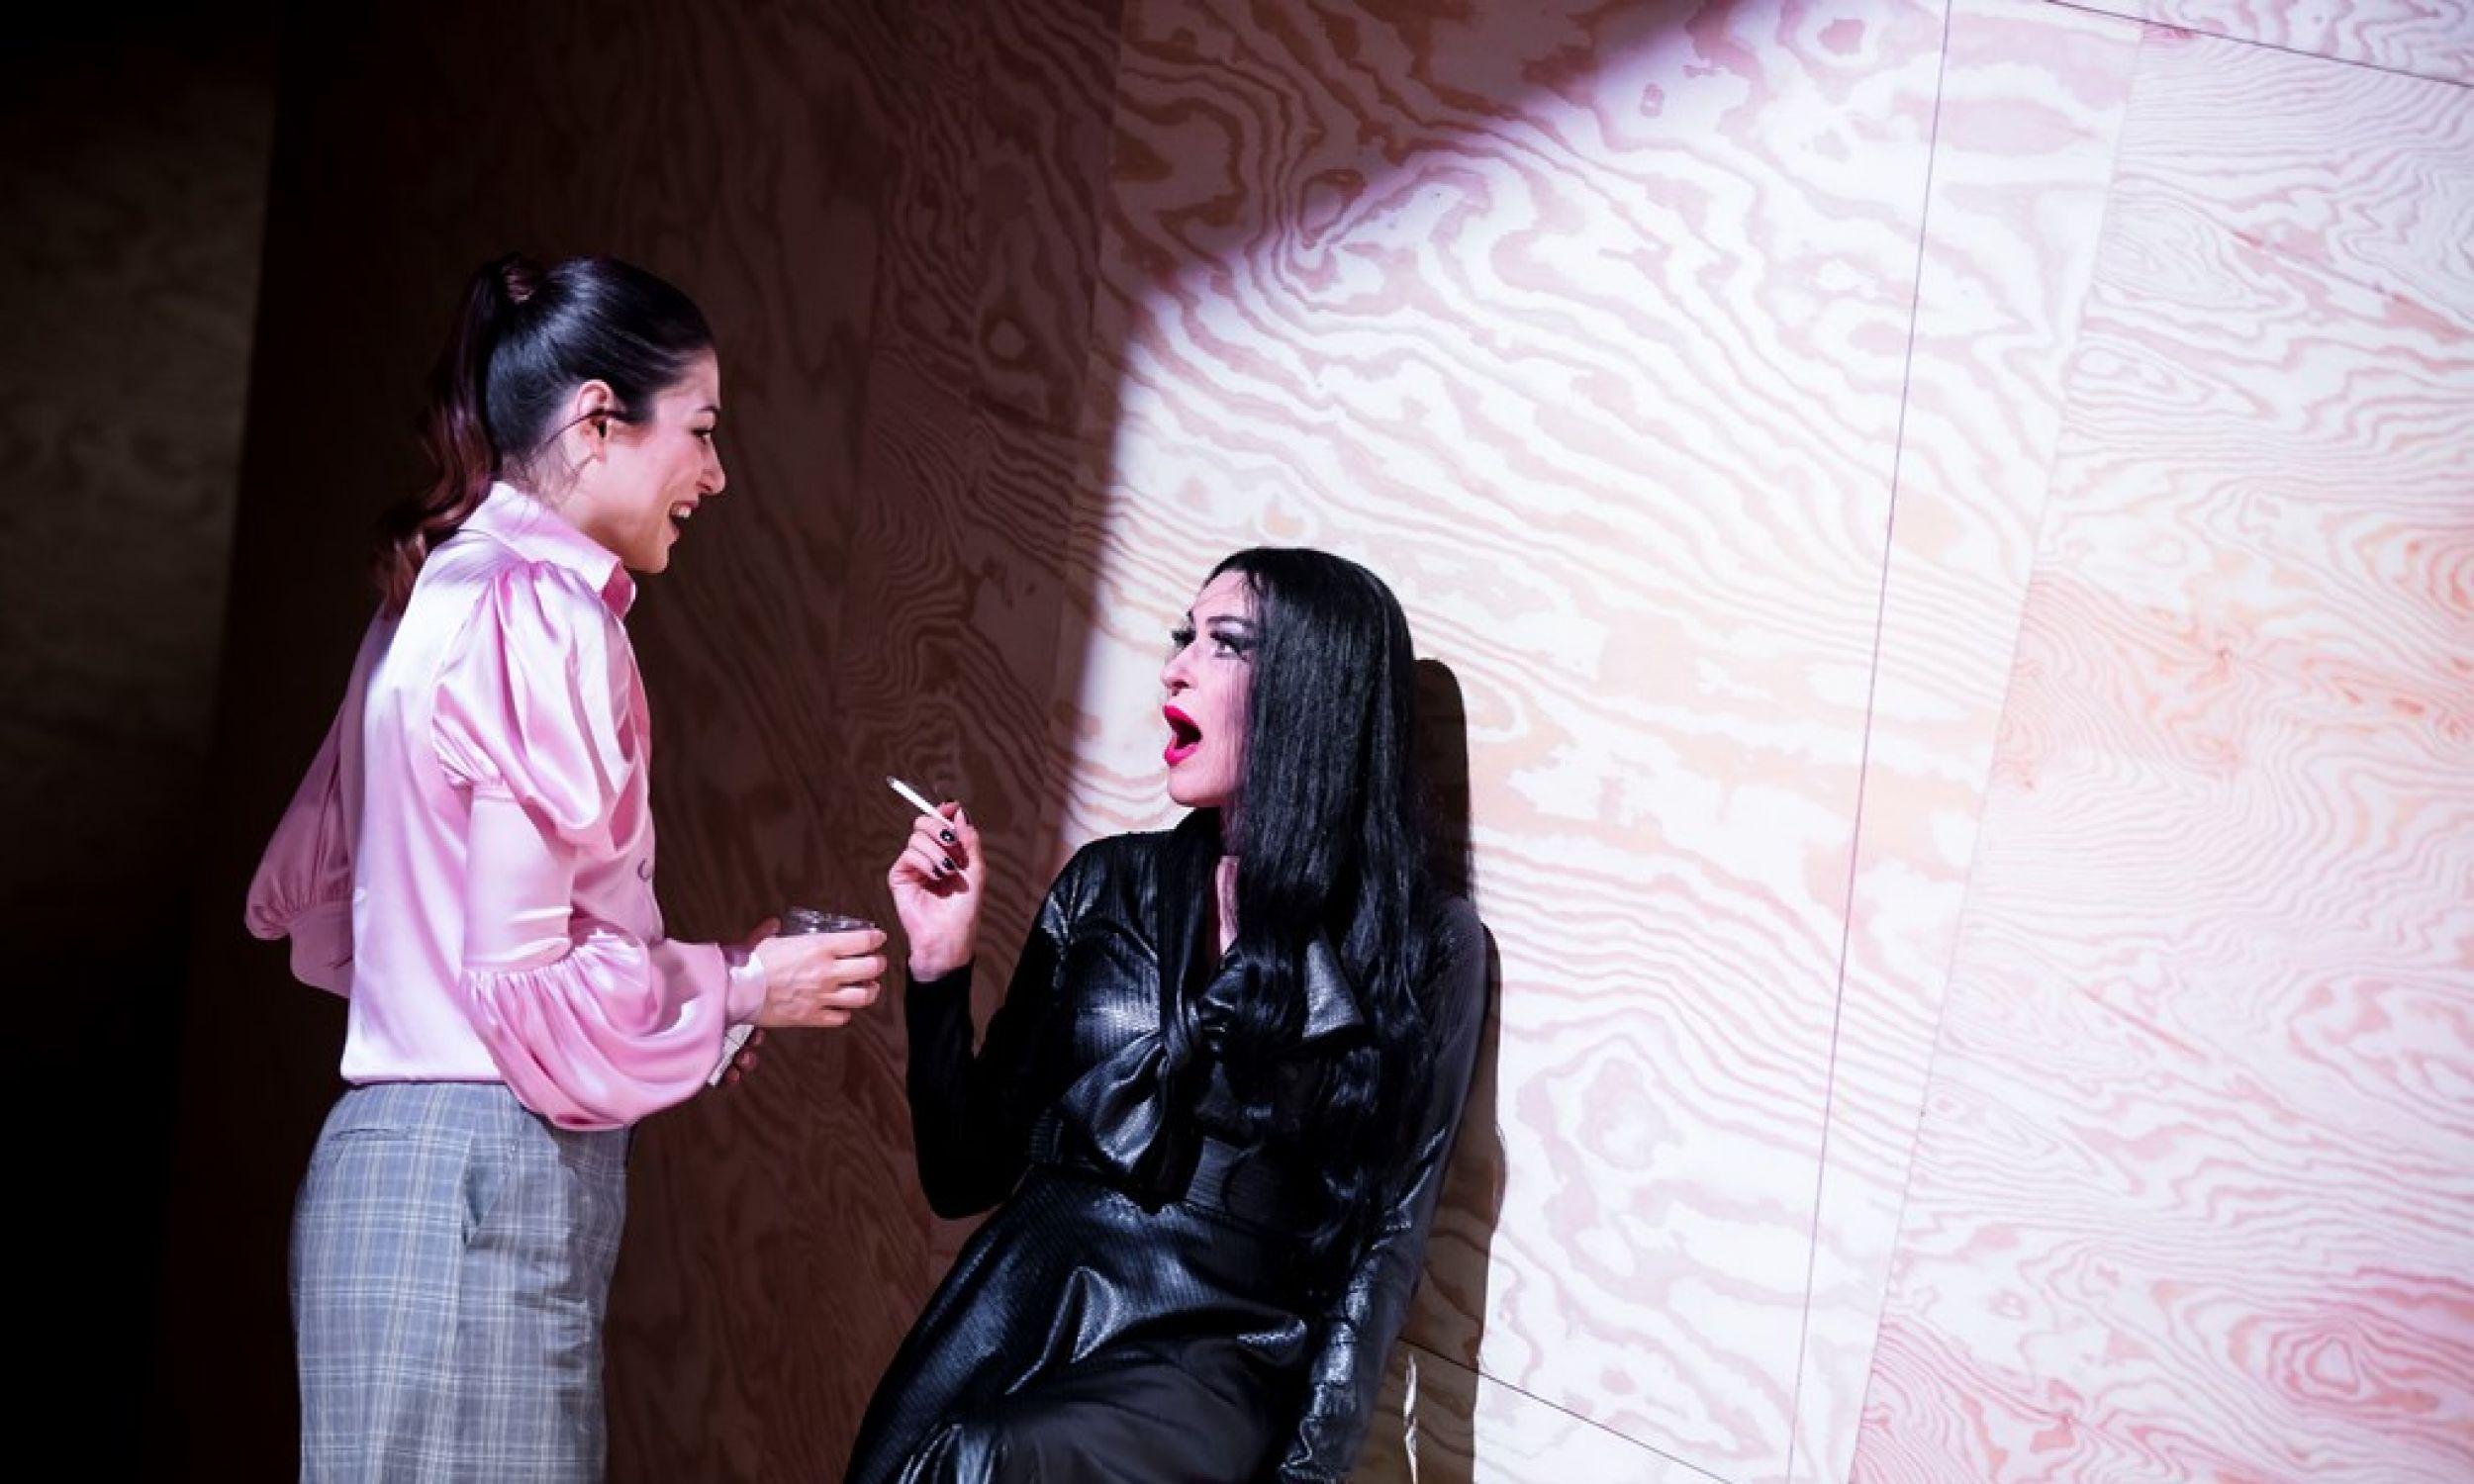 To opowieść o krótkim spotkaniu matki (Danuta Stenka, na zdjęciu z prawej) z córką (Zuzanna Szaporznikow). Fot. Krzysztof Bieliński/Teatr Narodowy